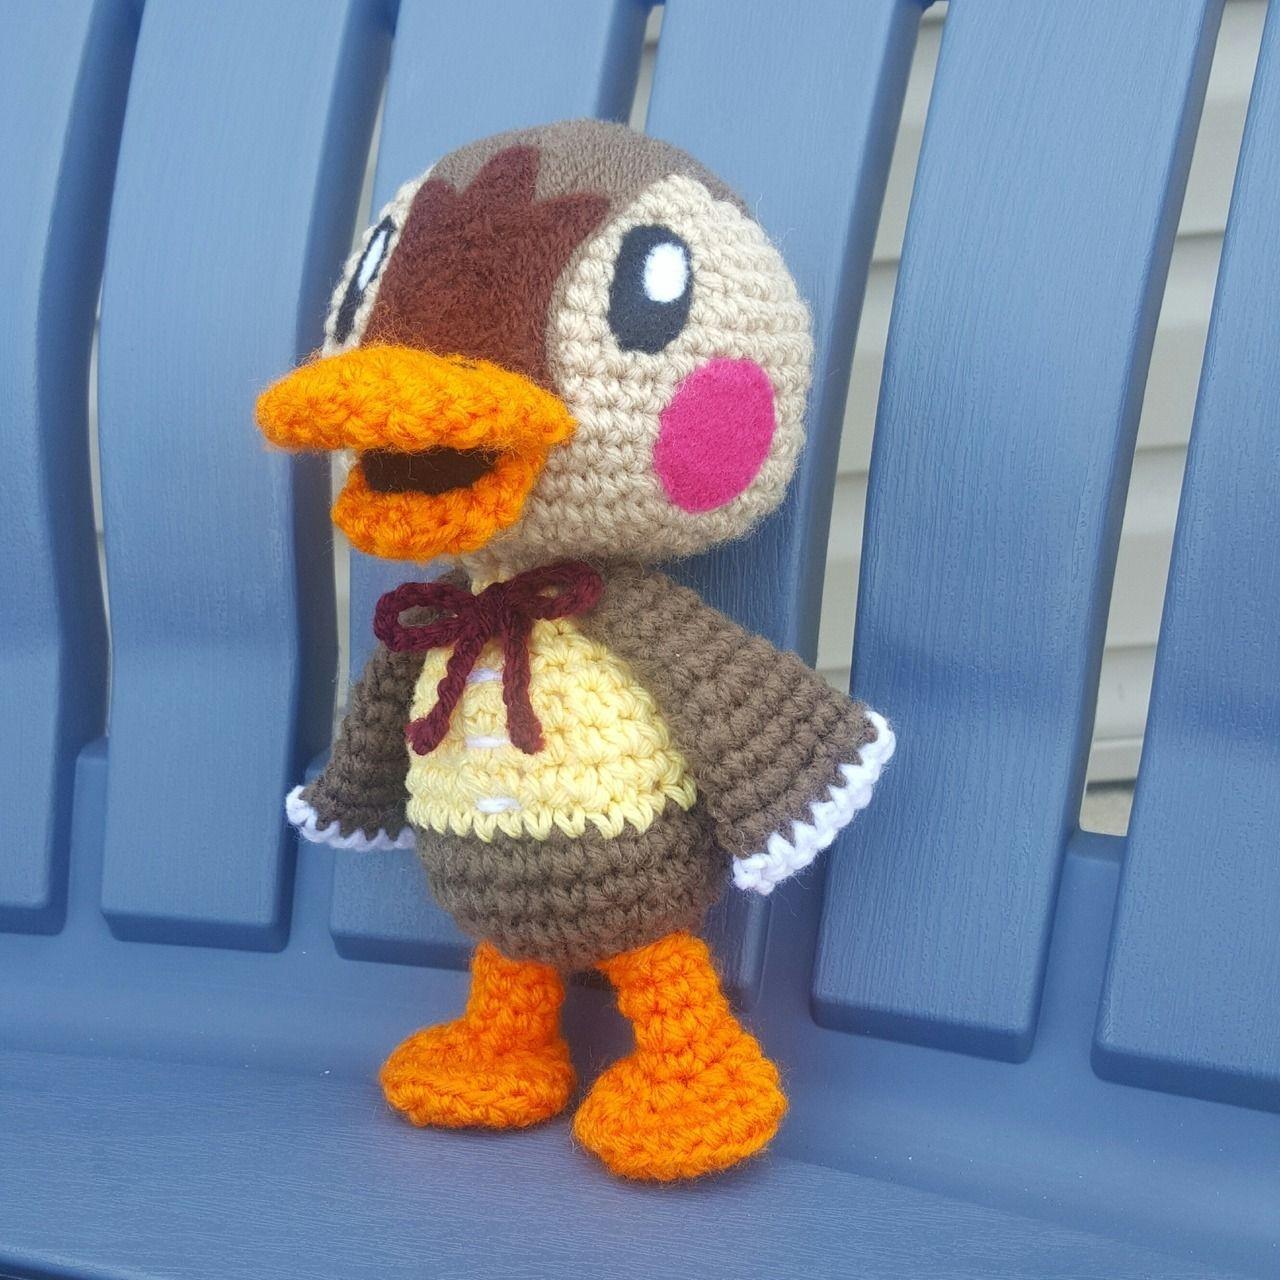 patrones muñecas | Padrão de boneca de crochê, Bonecas de crochê ... | 1280x1280